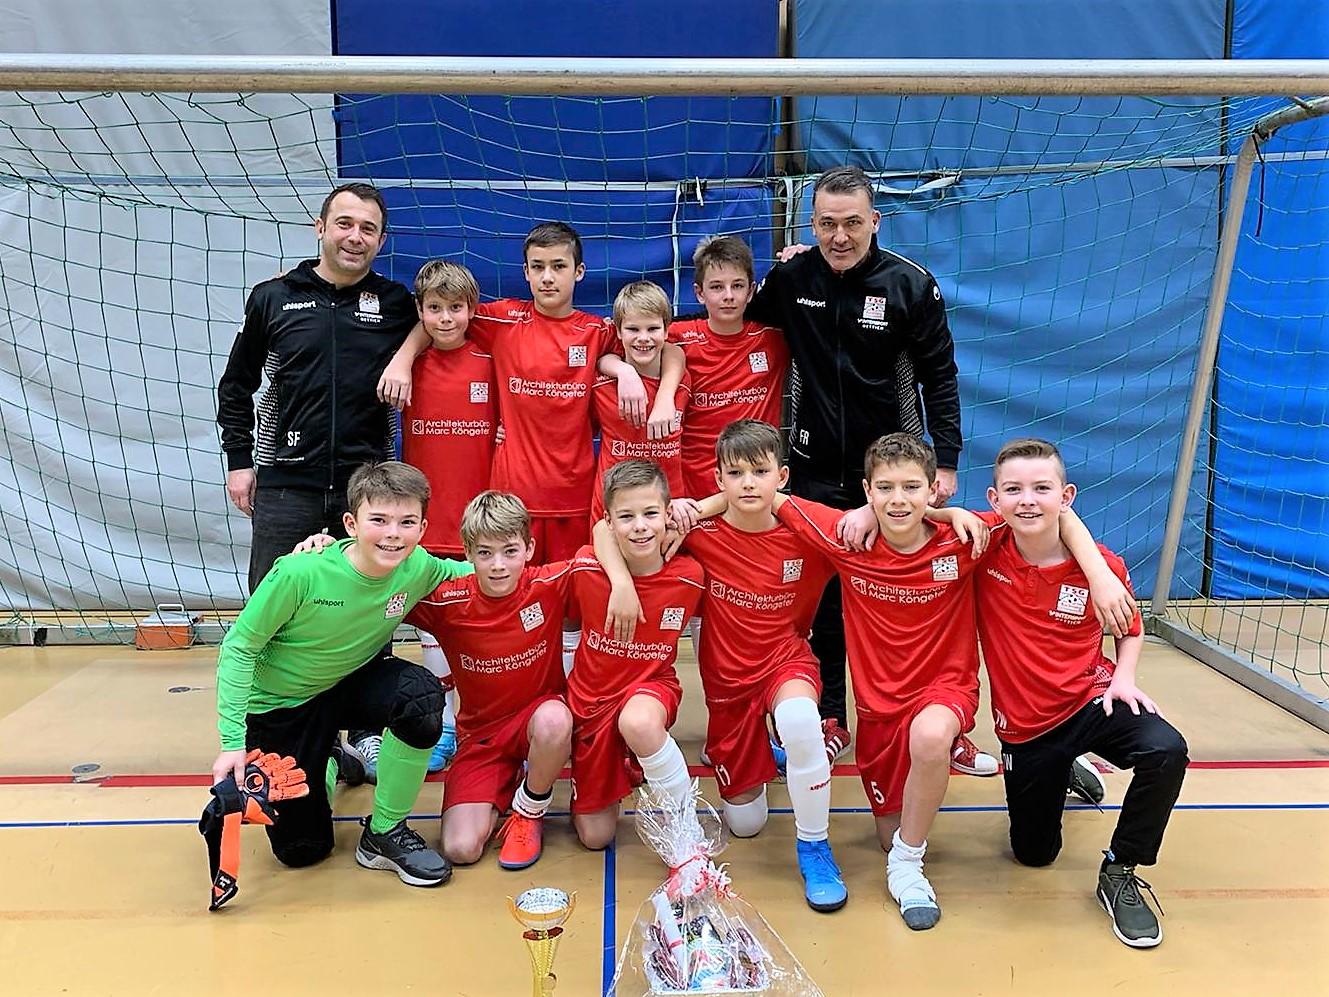 U12 wird 3. beim Turnier des SV Allmersbach